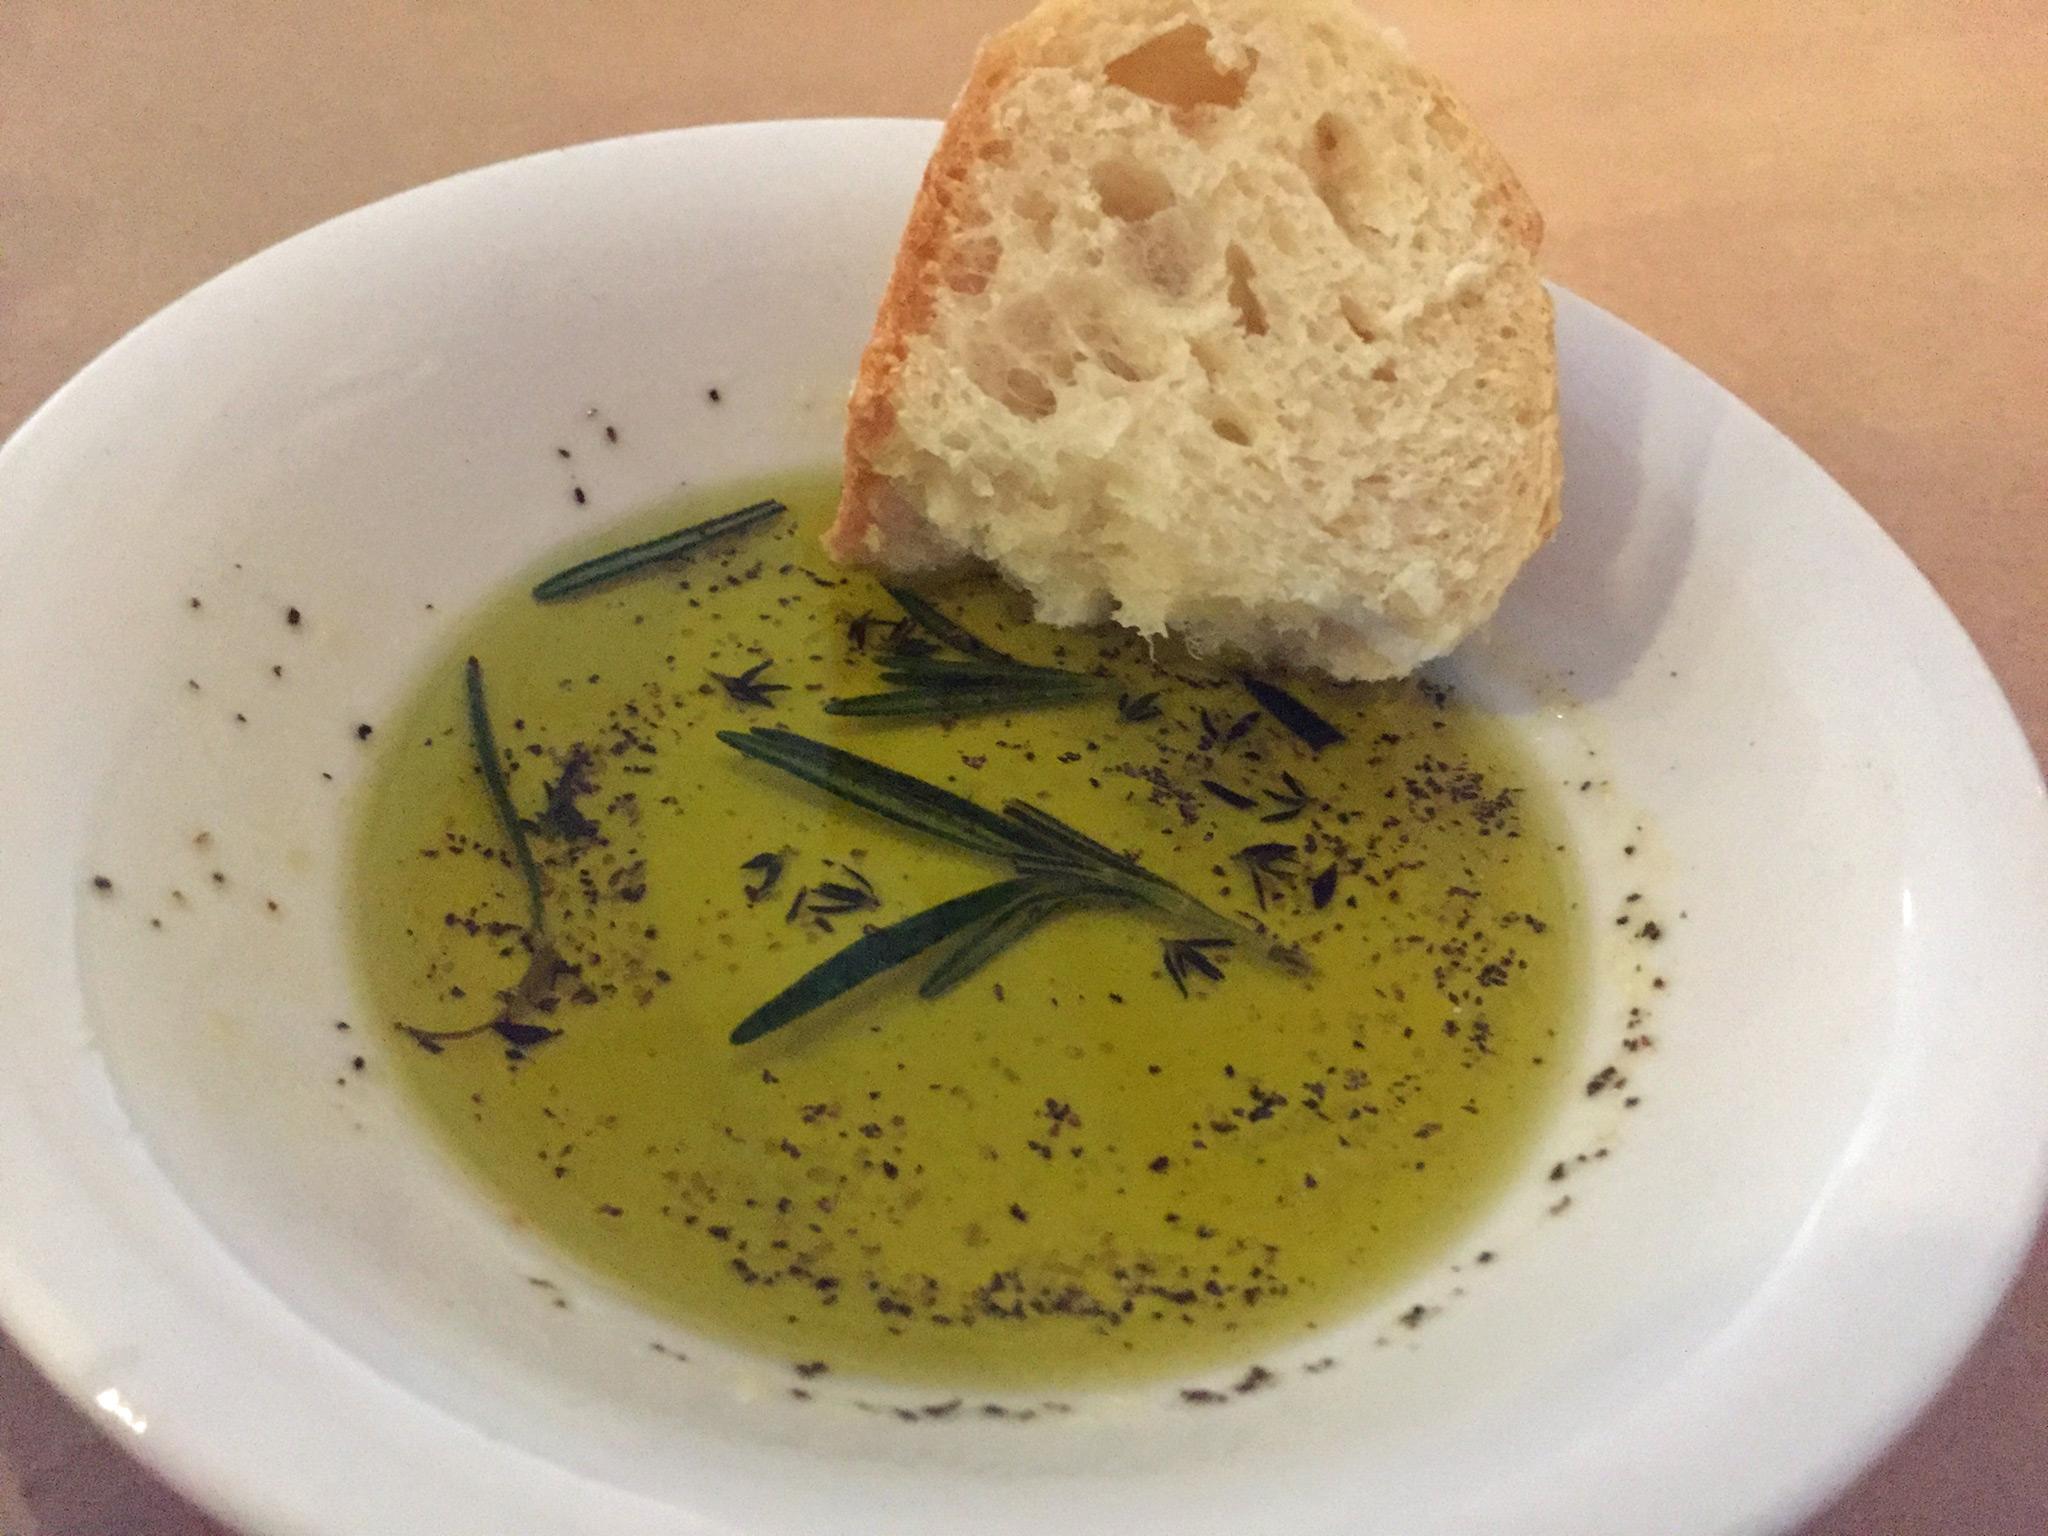 Sola Bistro Bread & Picual Olive Oil